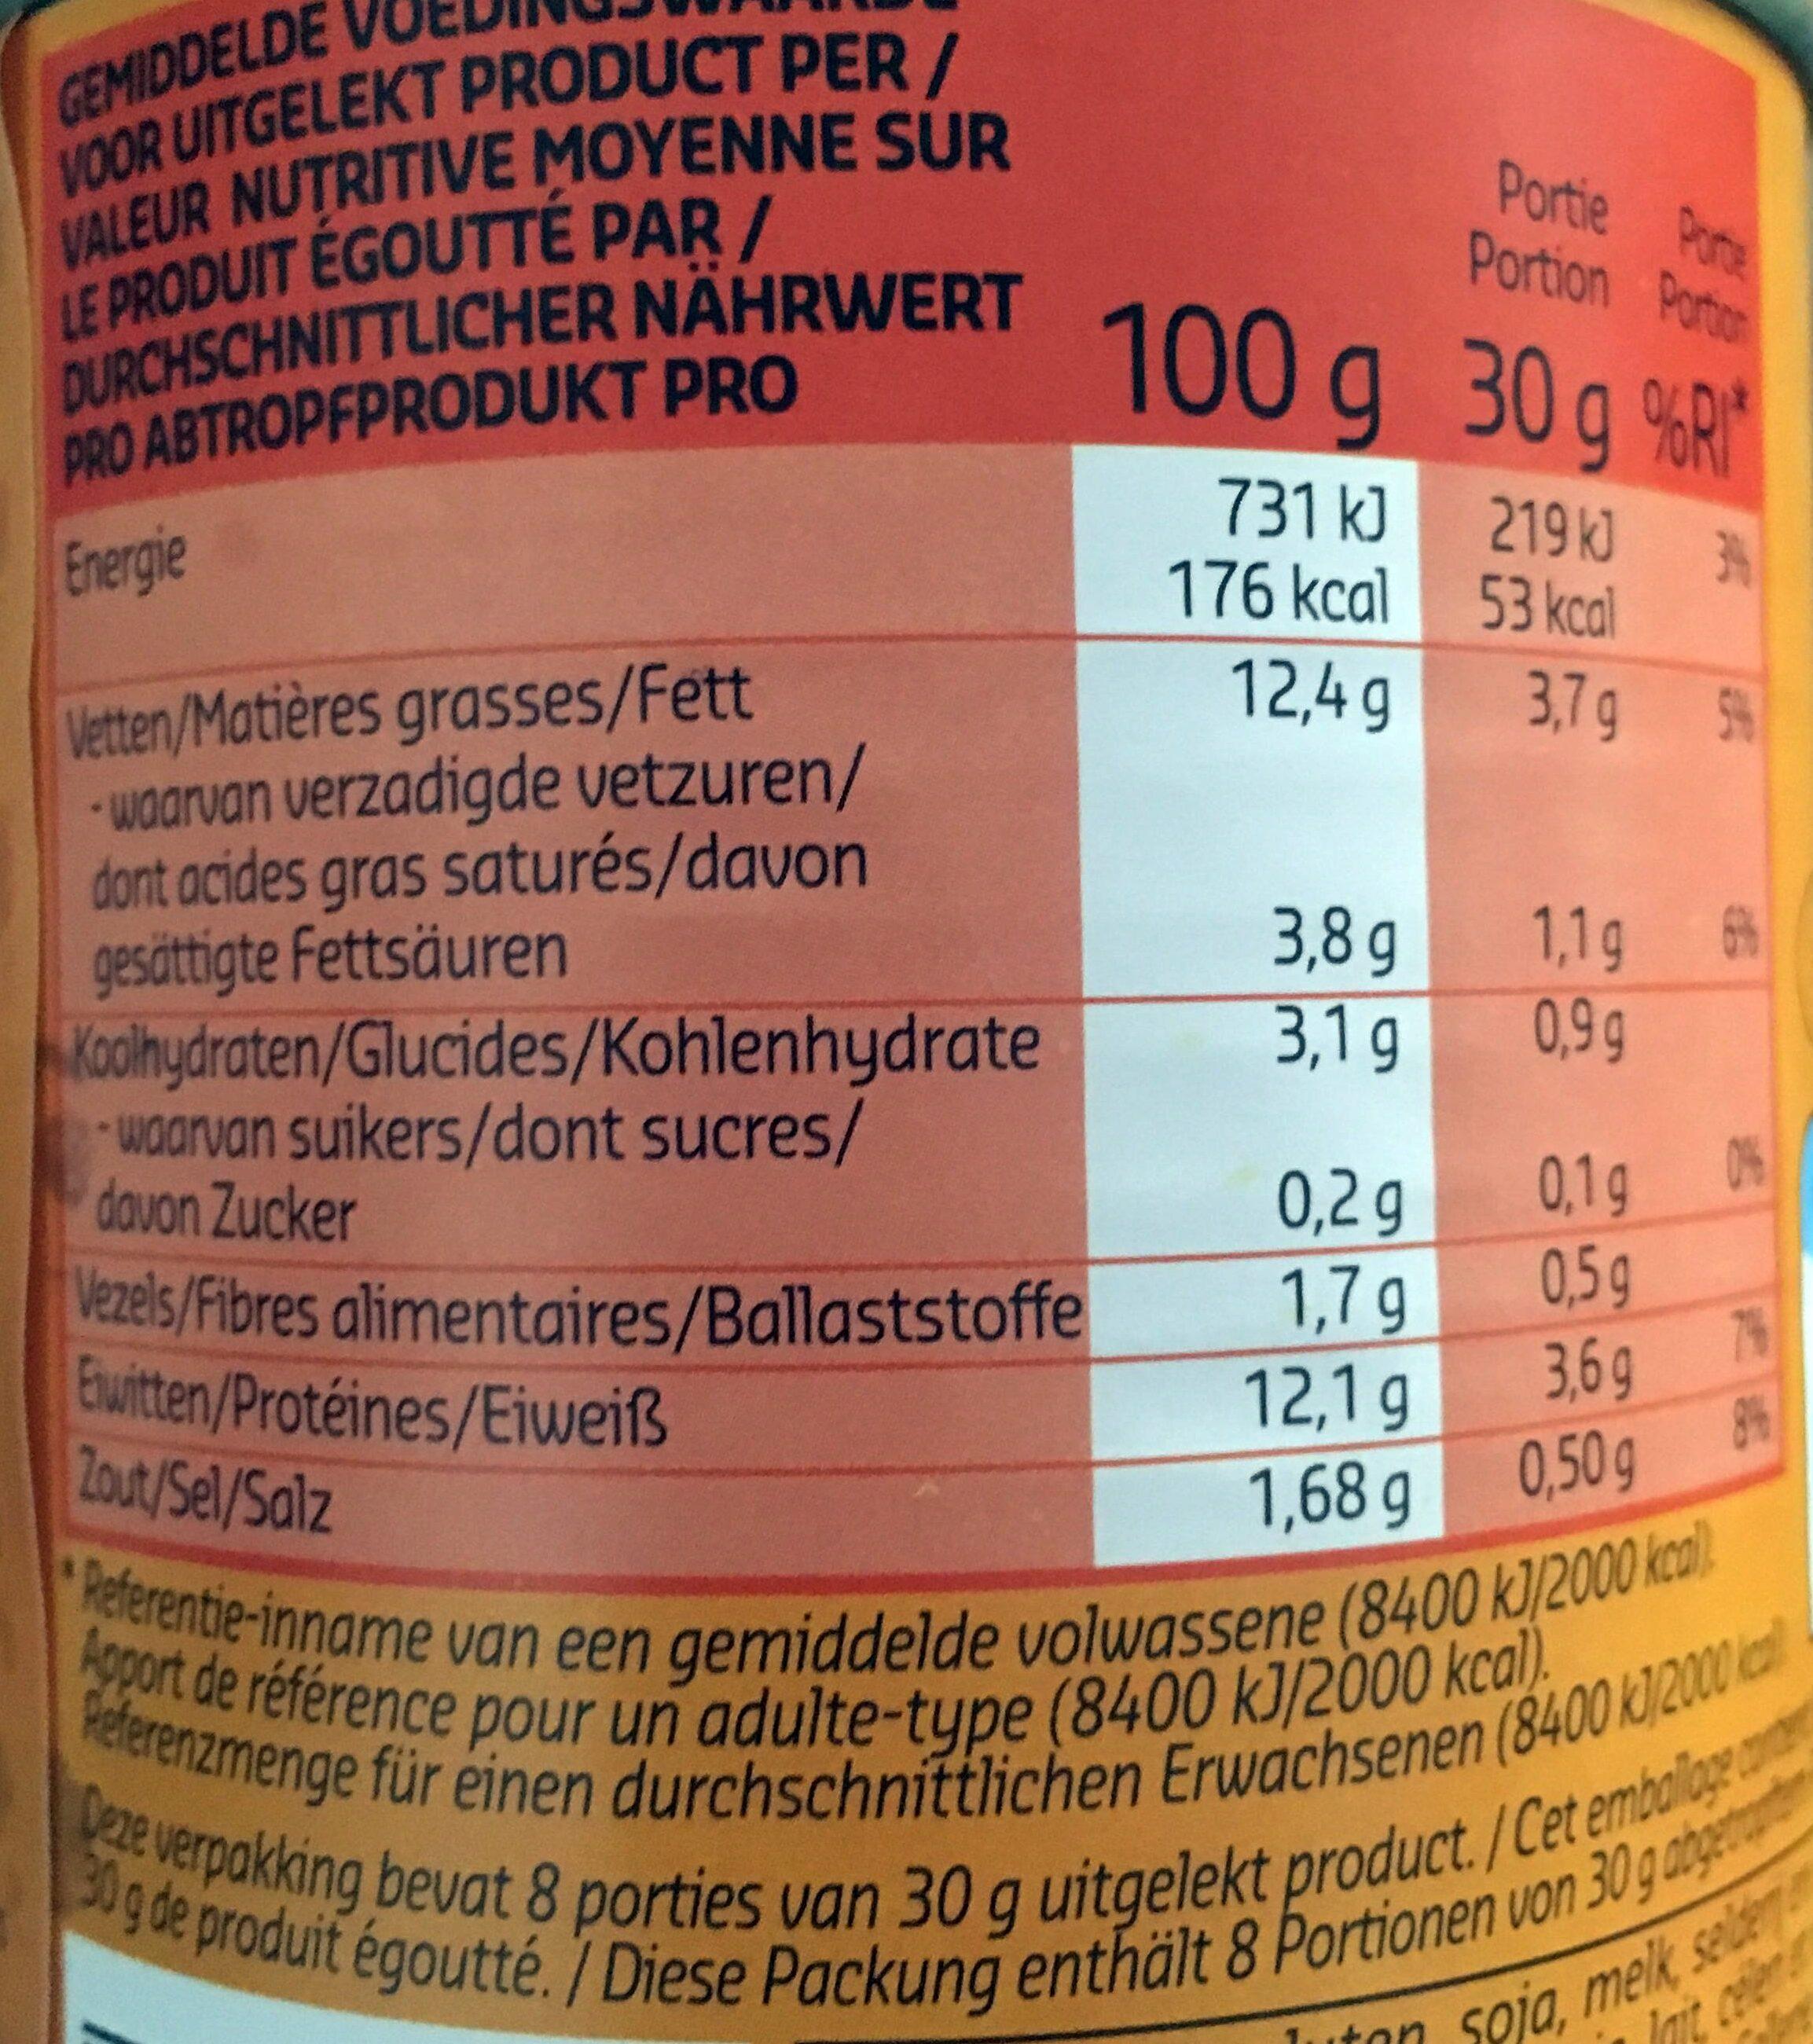 Saucisses apéro - Voedingswaarden - fr